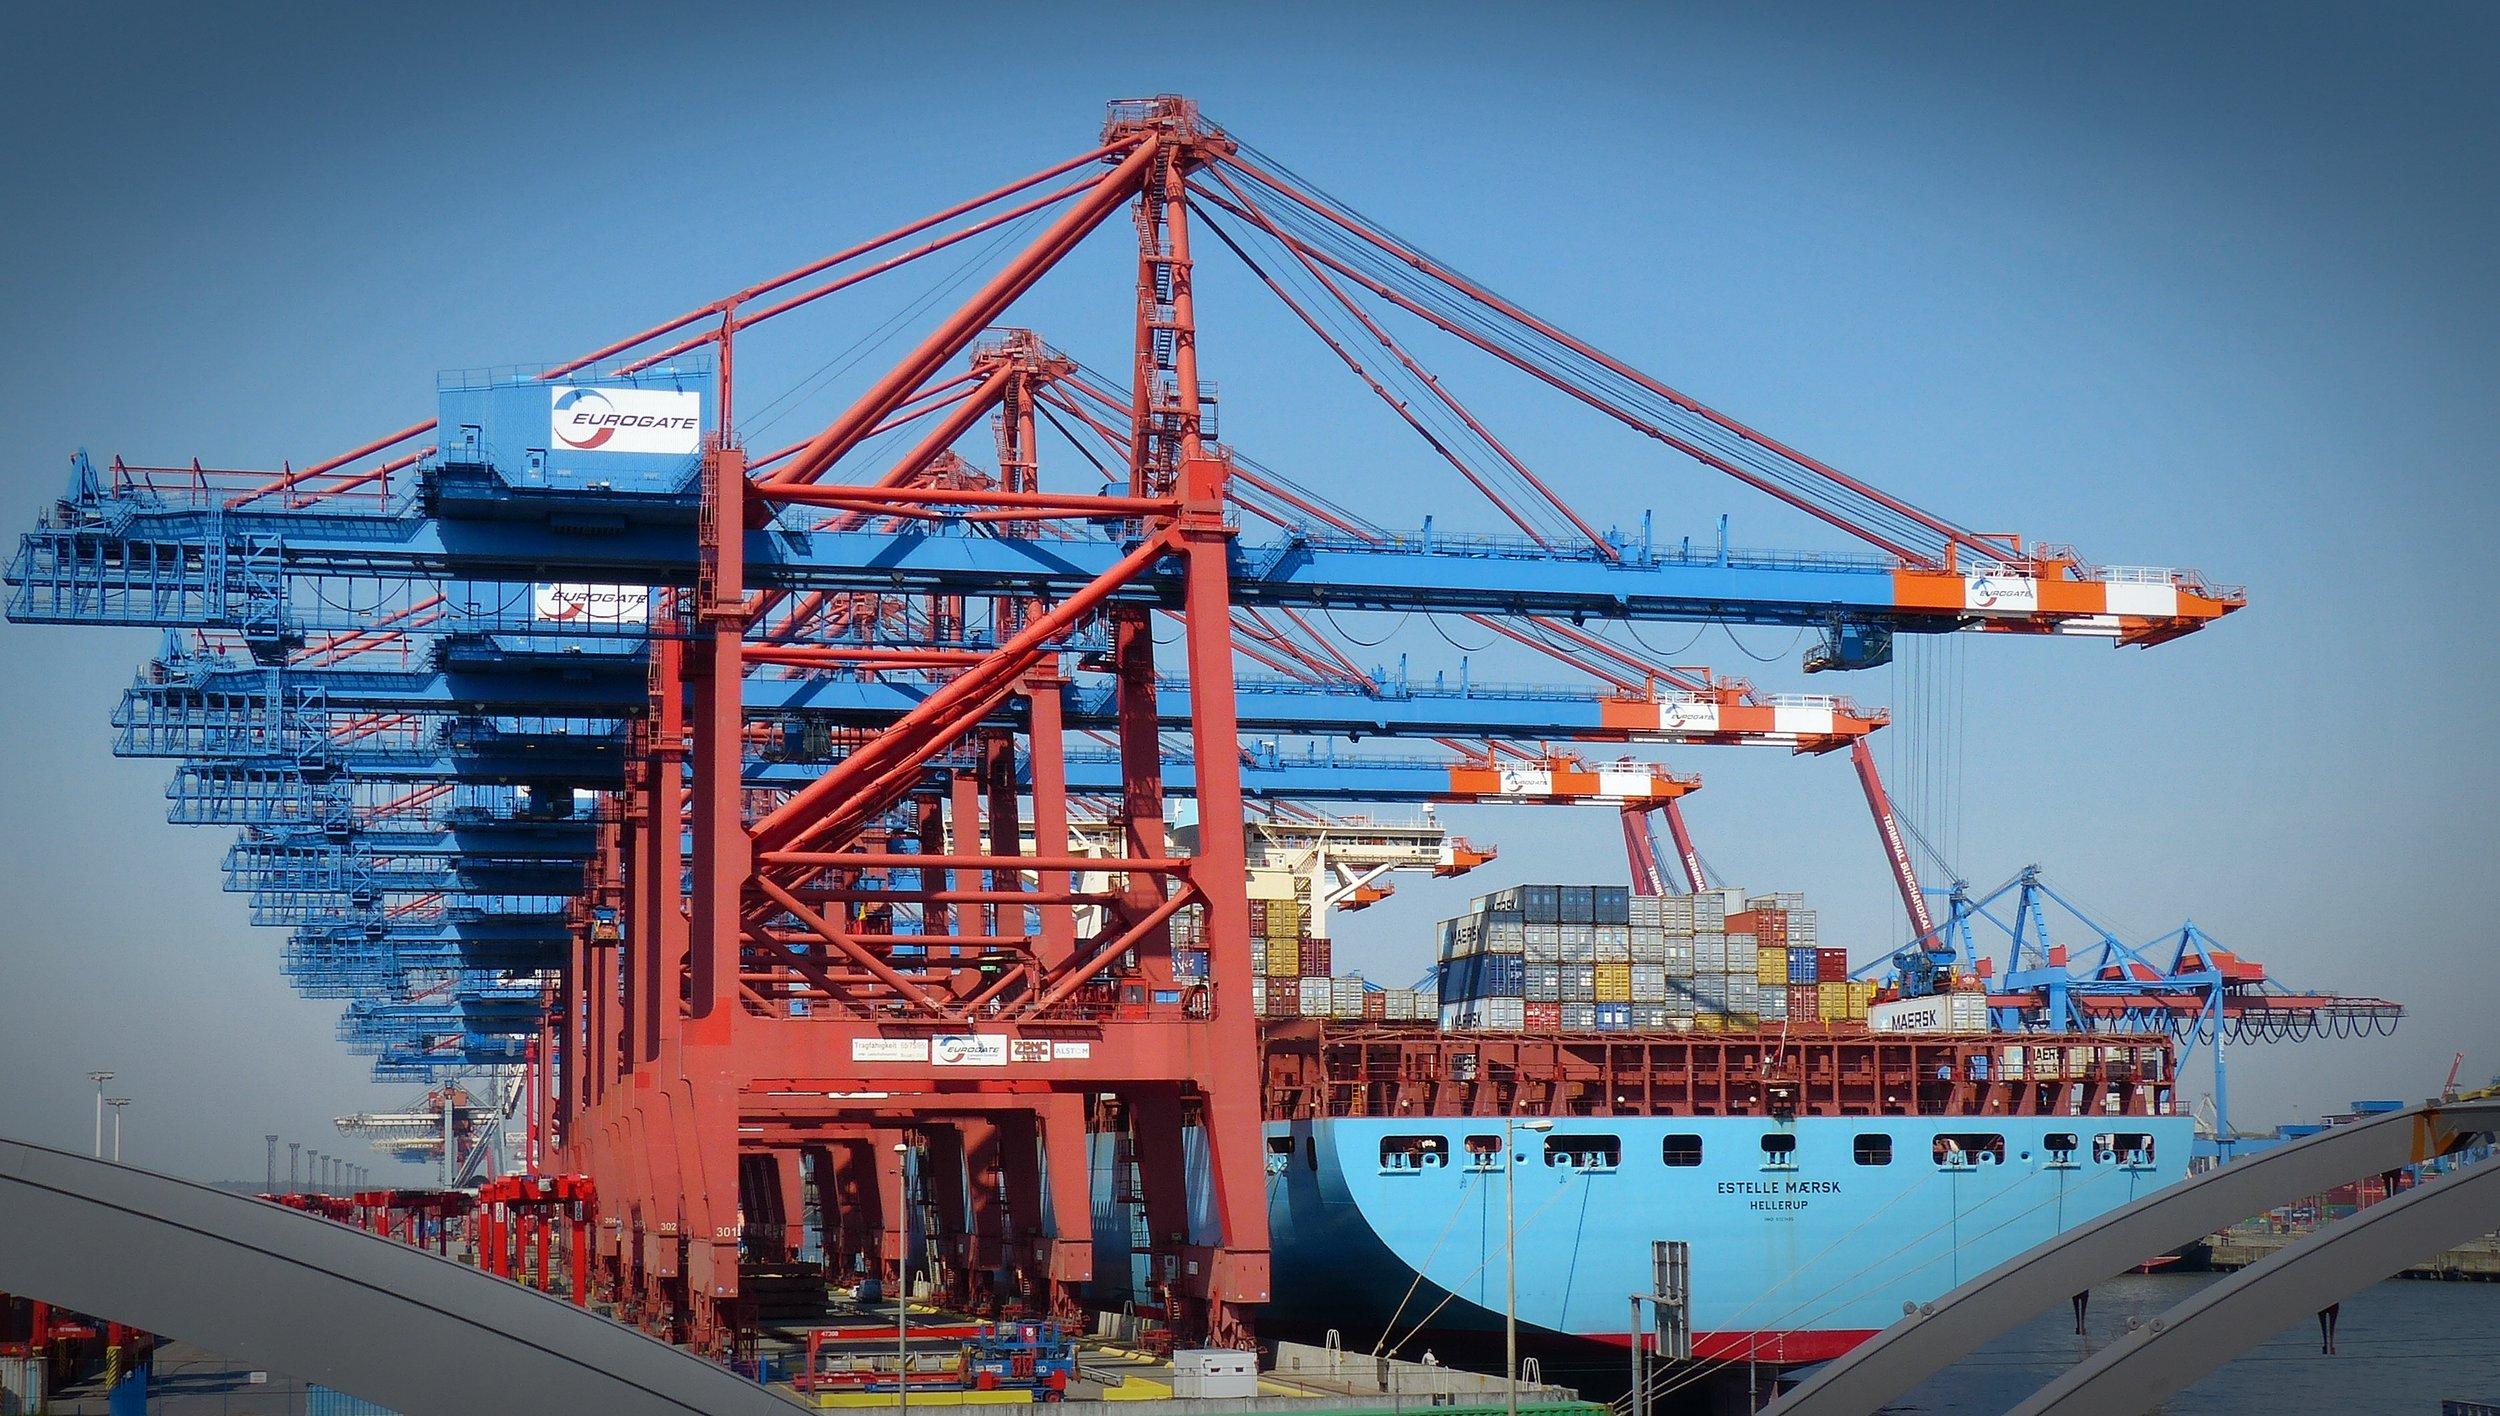 container-gantry-crane-1367604.jpg